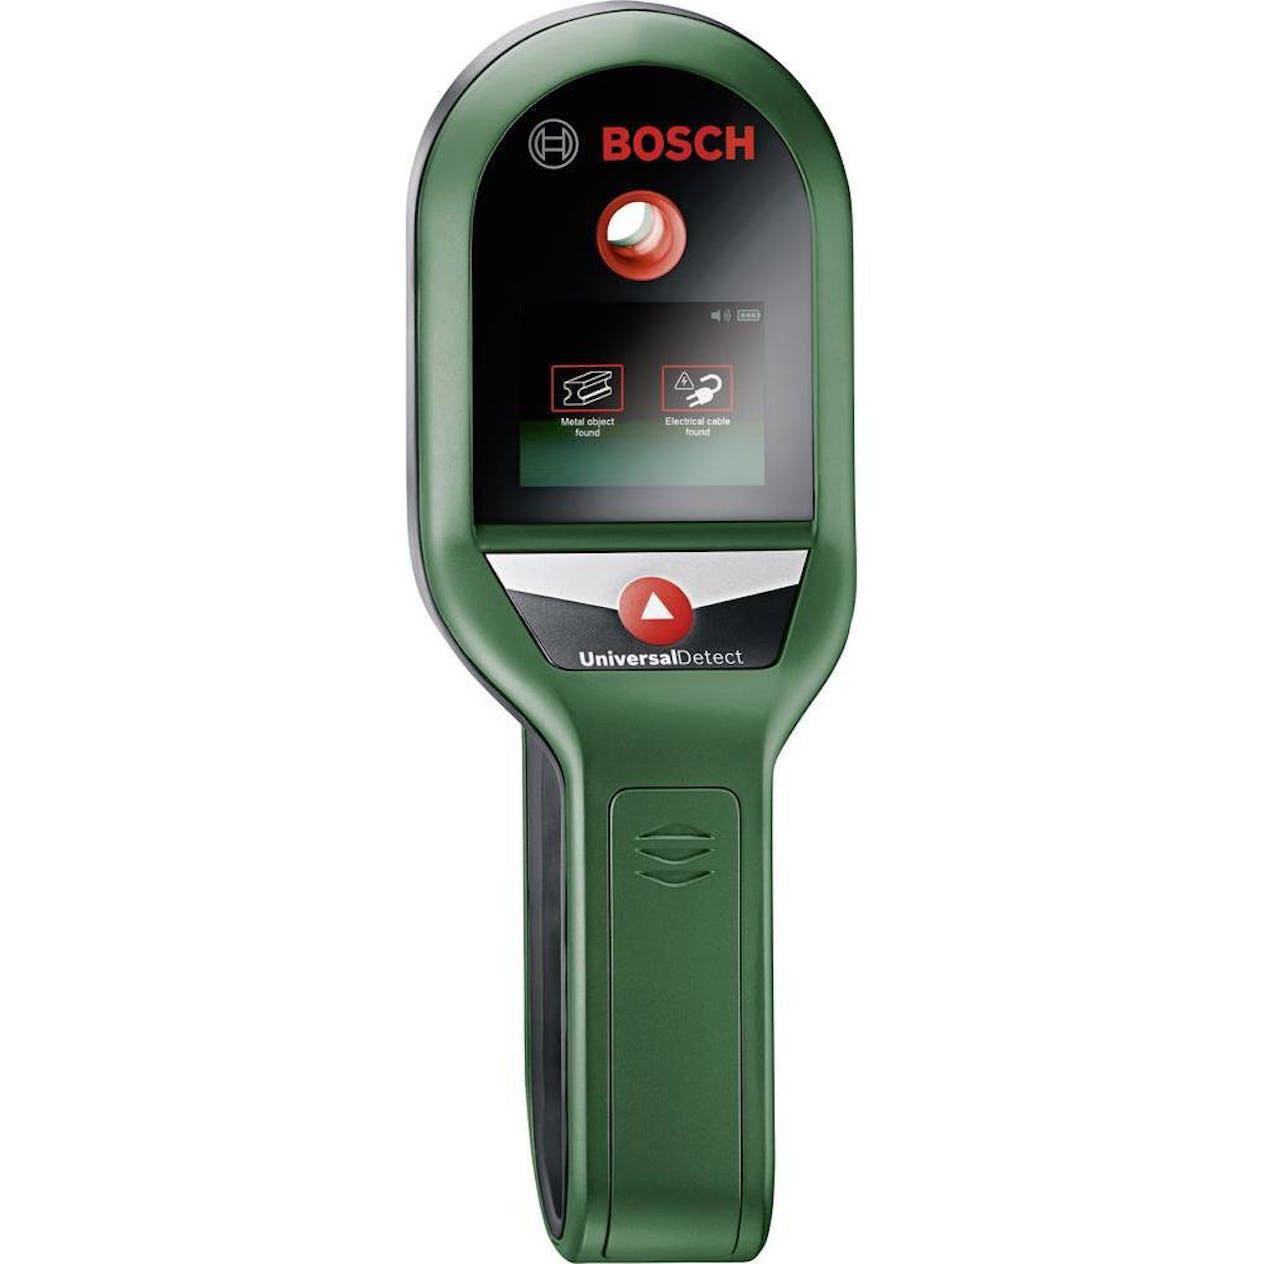 multidetektor bosch universal detect 0603681300